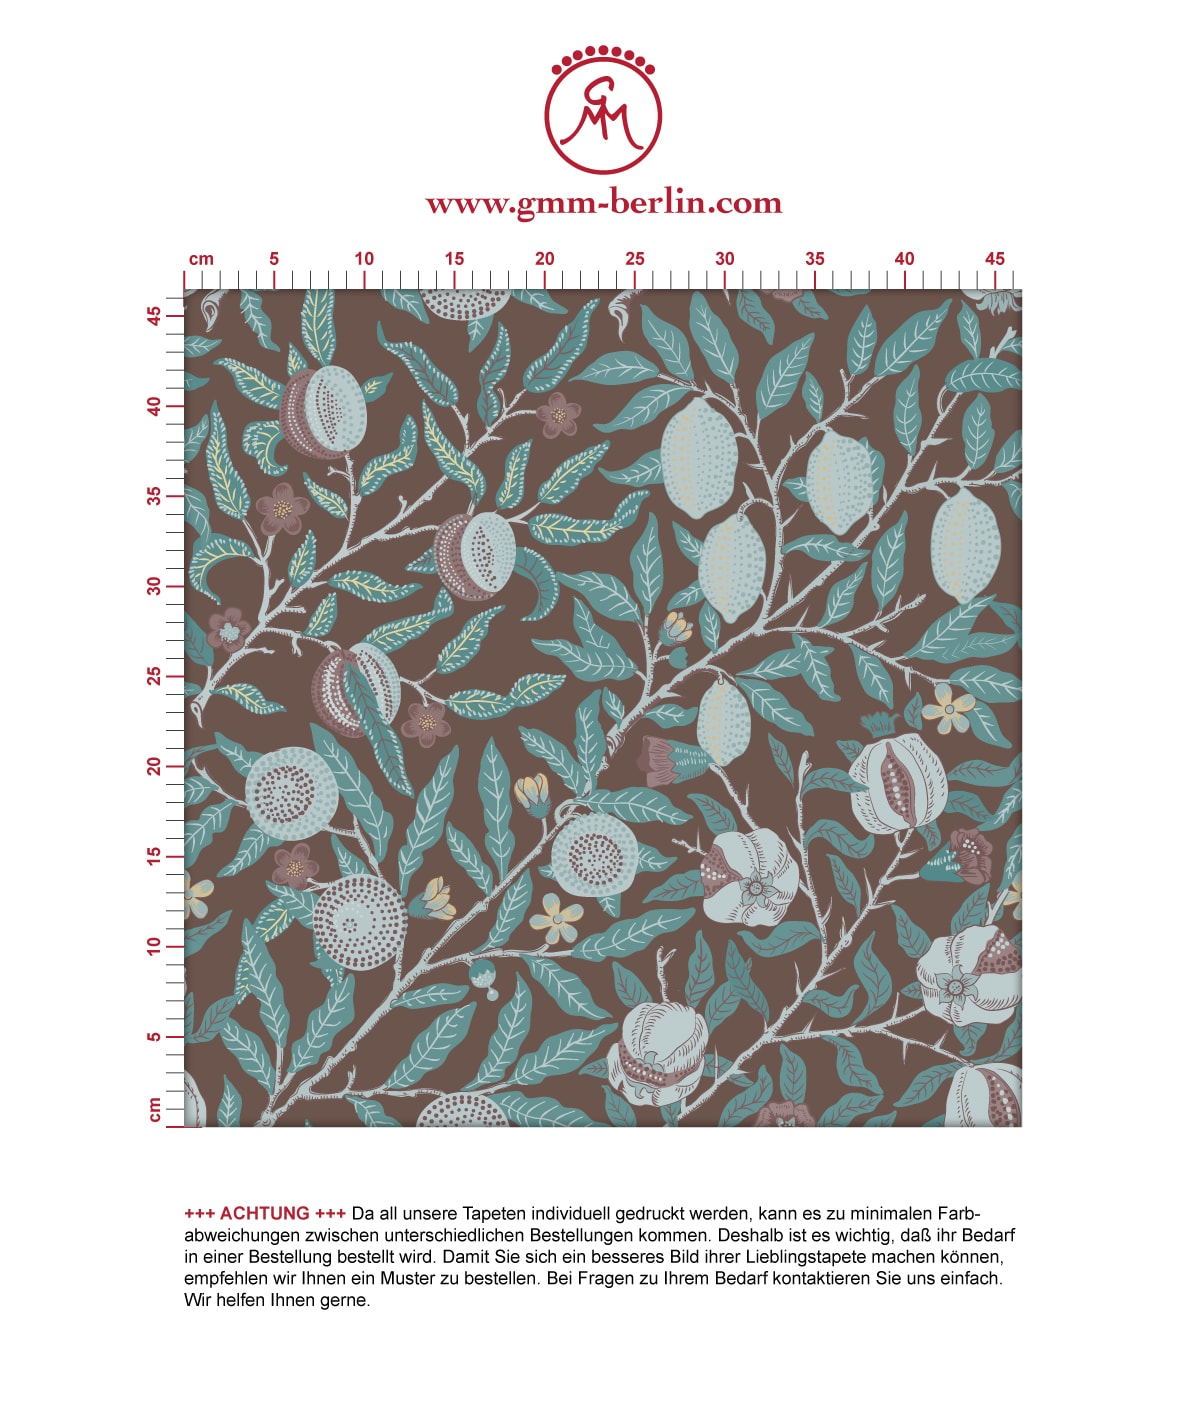 Edle Jugendstil Tapete Granatapfel Baum nach aus der Tapeten Design Familie: 00178 als Naturaltouch Luxus Vliestapete oder Basic Vliestapete